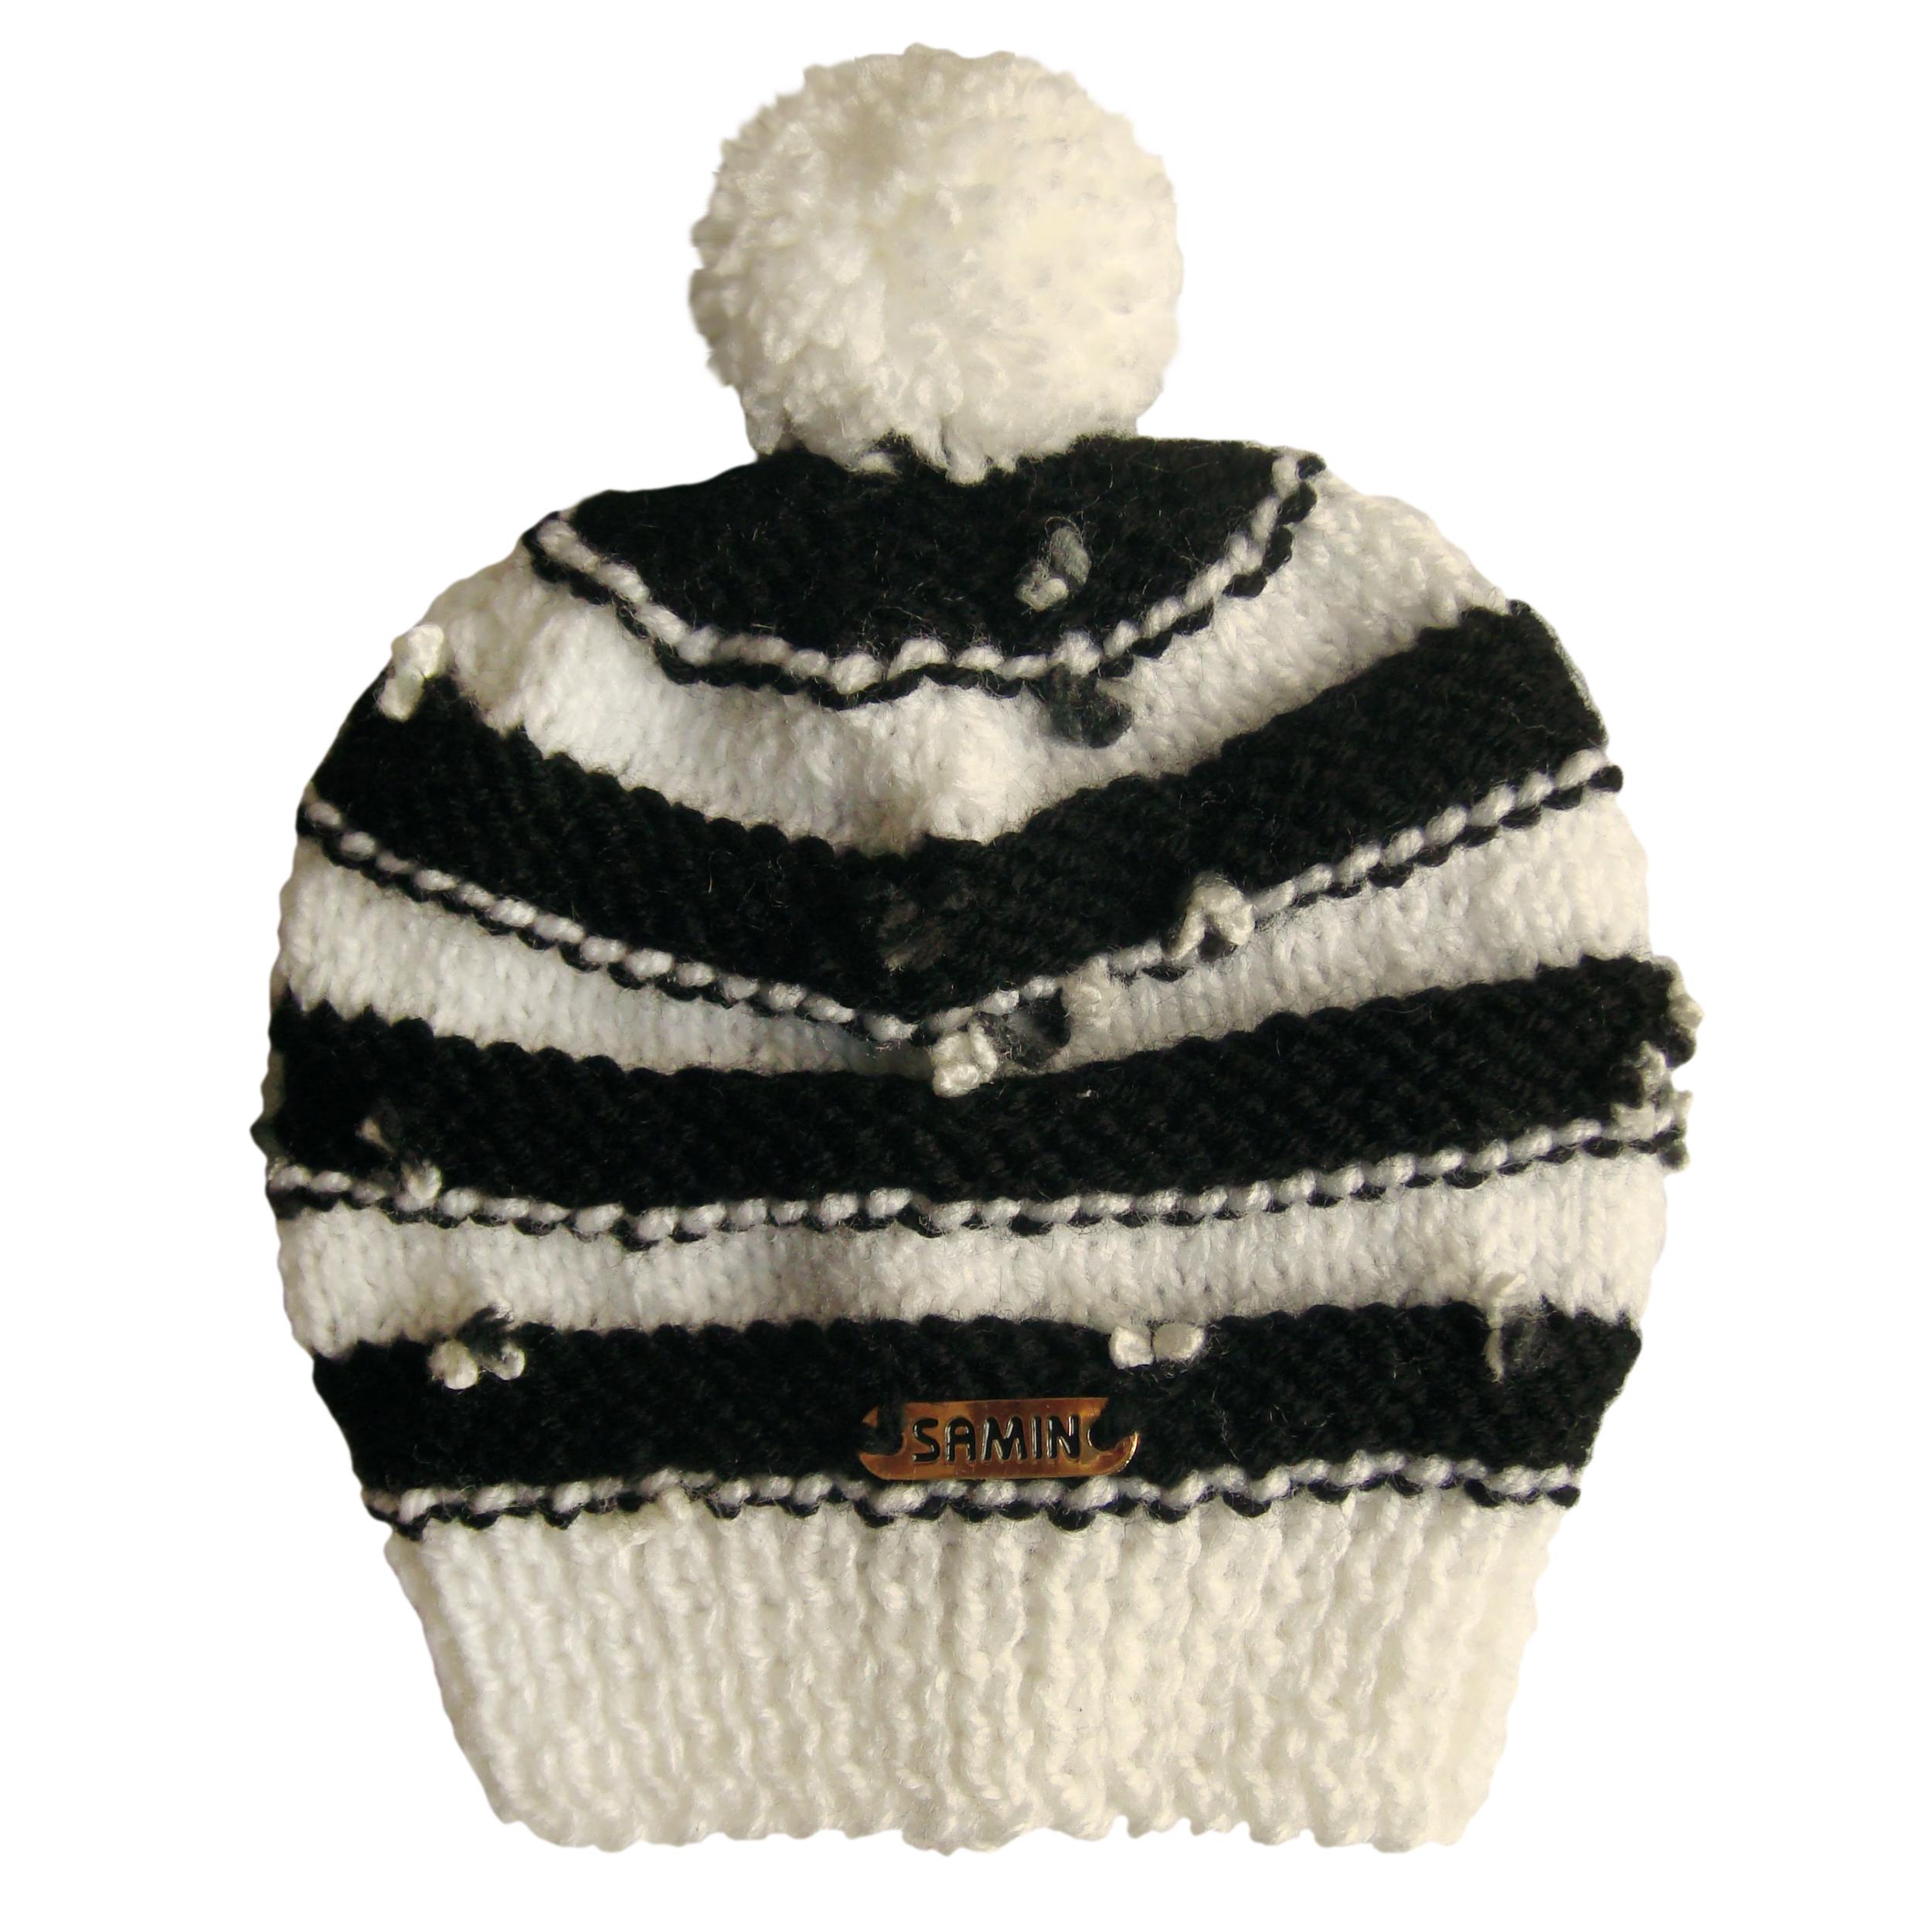 کلاه نوزادی ثمین مدل Flower رنگ سفید-مشکی